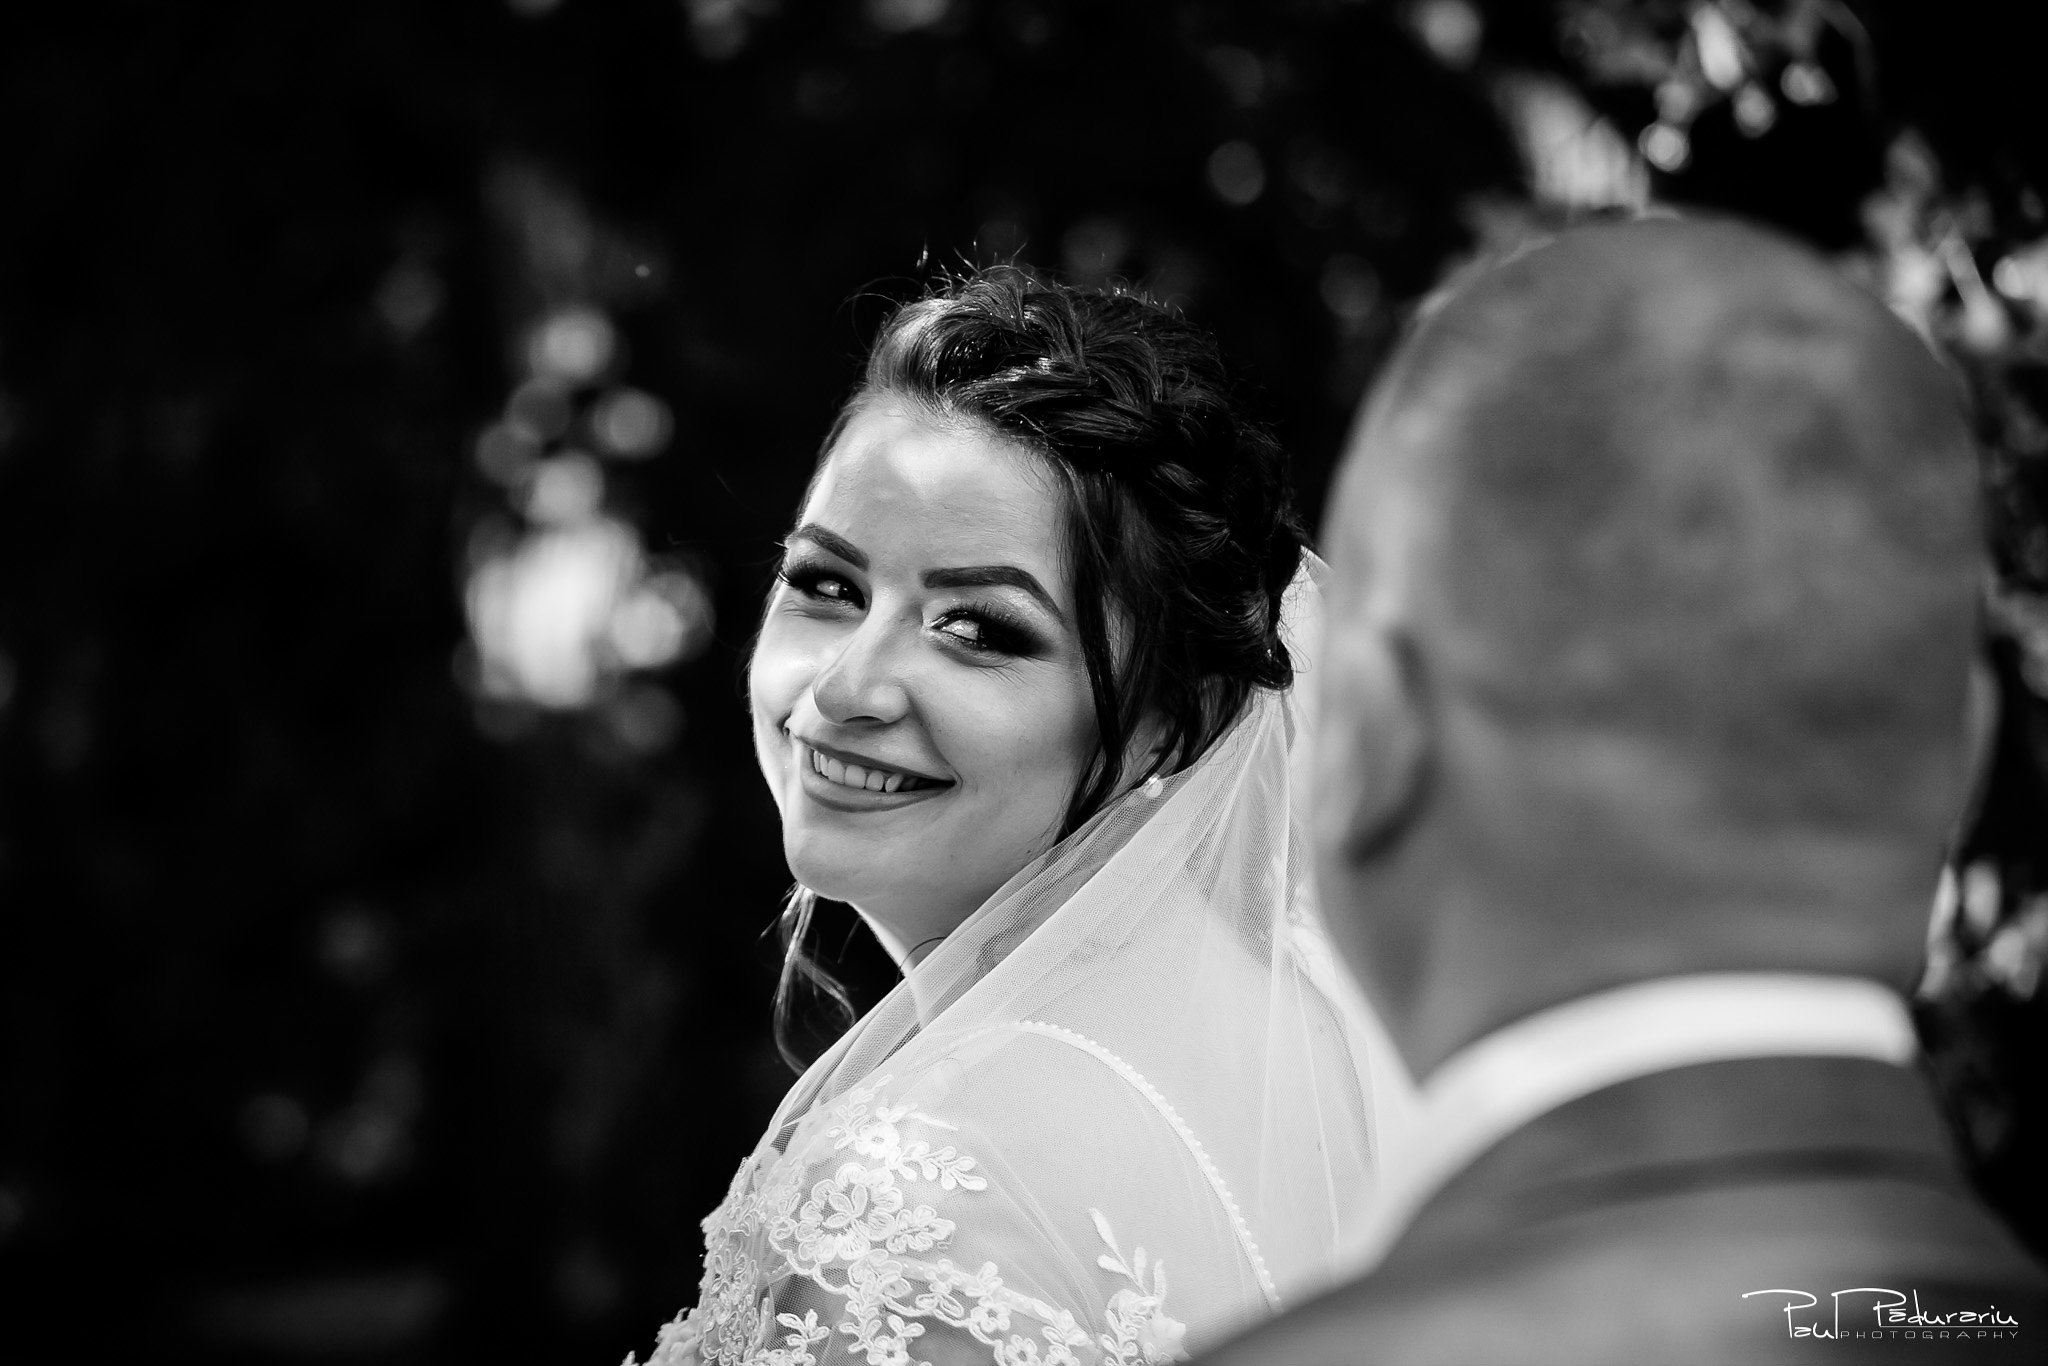 Sedinta foto nunta iasi fotograf profesionist paul padurariu - nunta la Castel Ana-Maria si Marius www.paulpadurariu.ro © 2018 Paul Padurariu 1